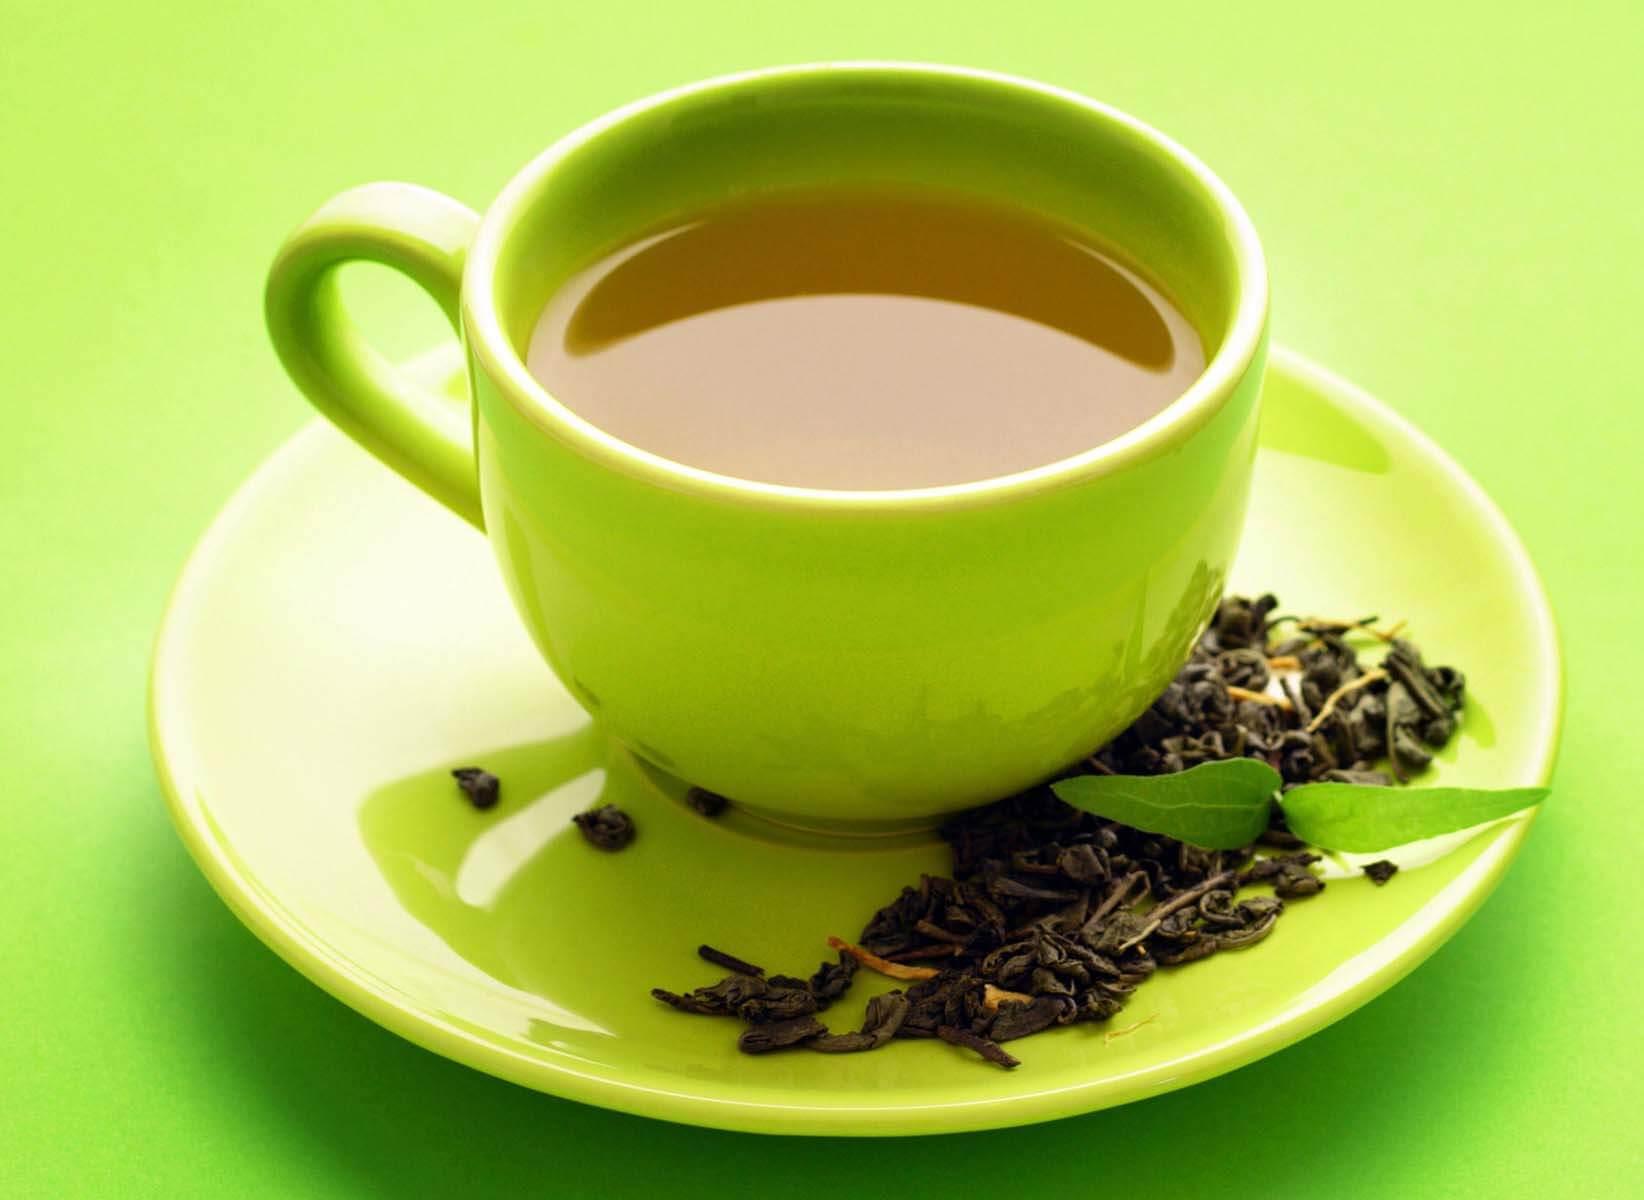 مواد معدنی موجود در چای برای افرادی که مبتلا به دیابت هستند مفید است.